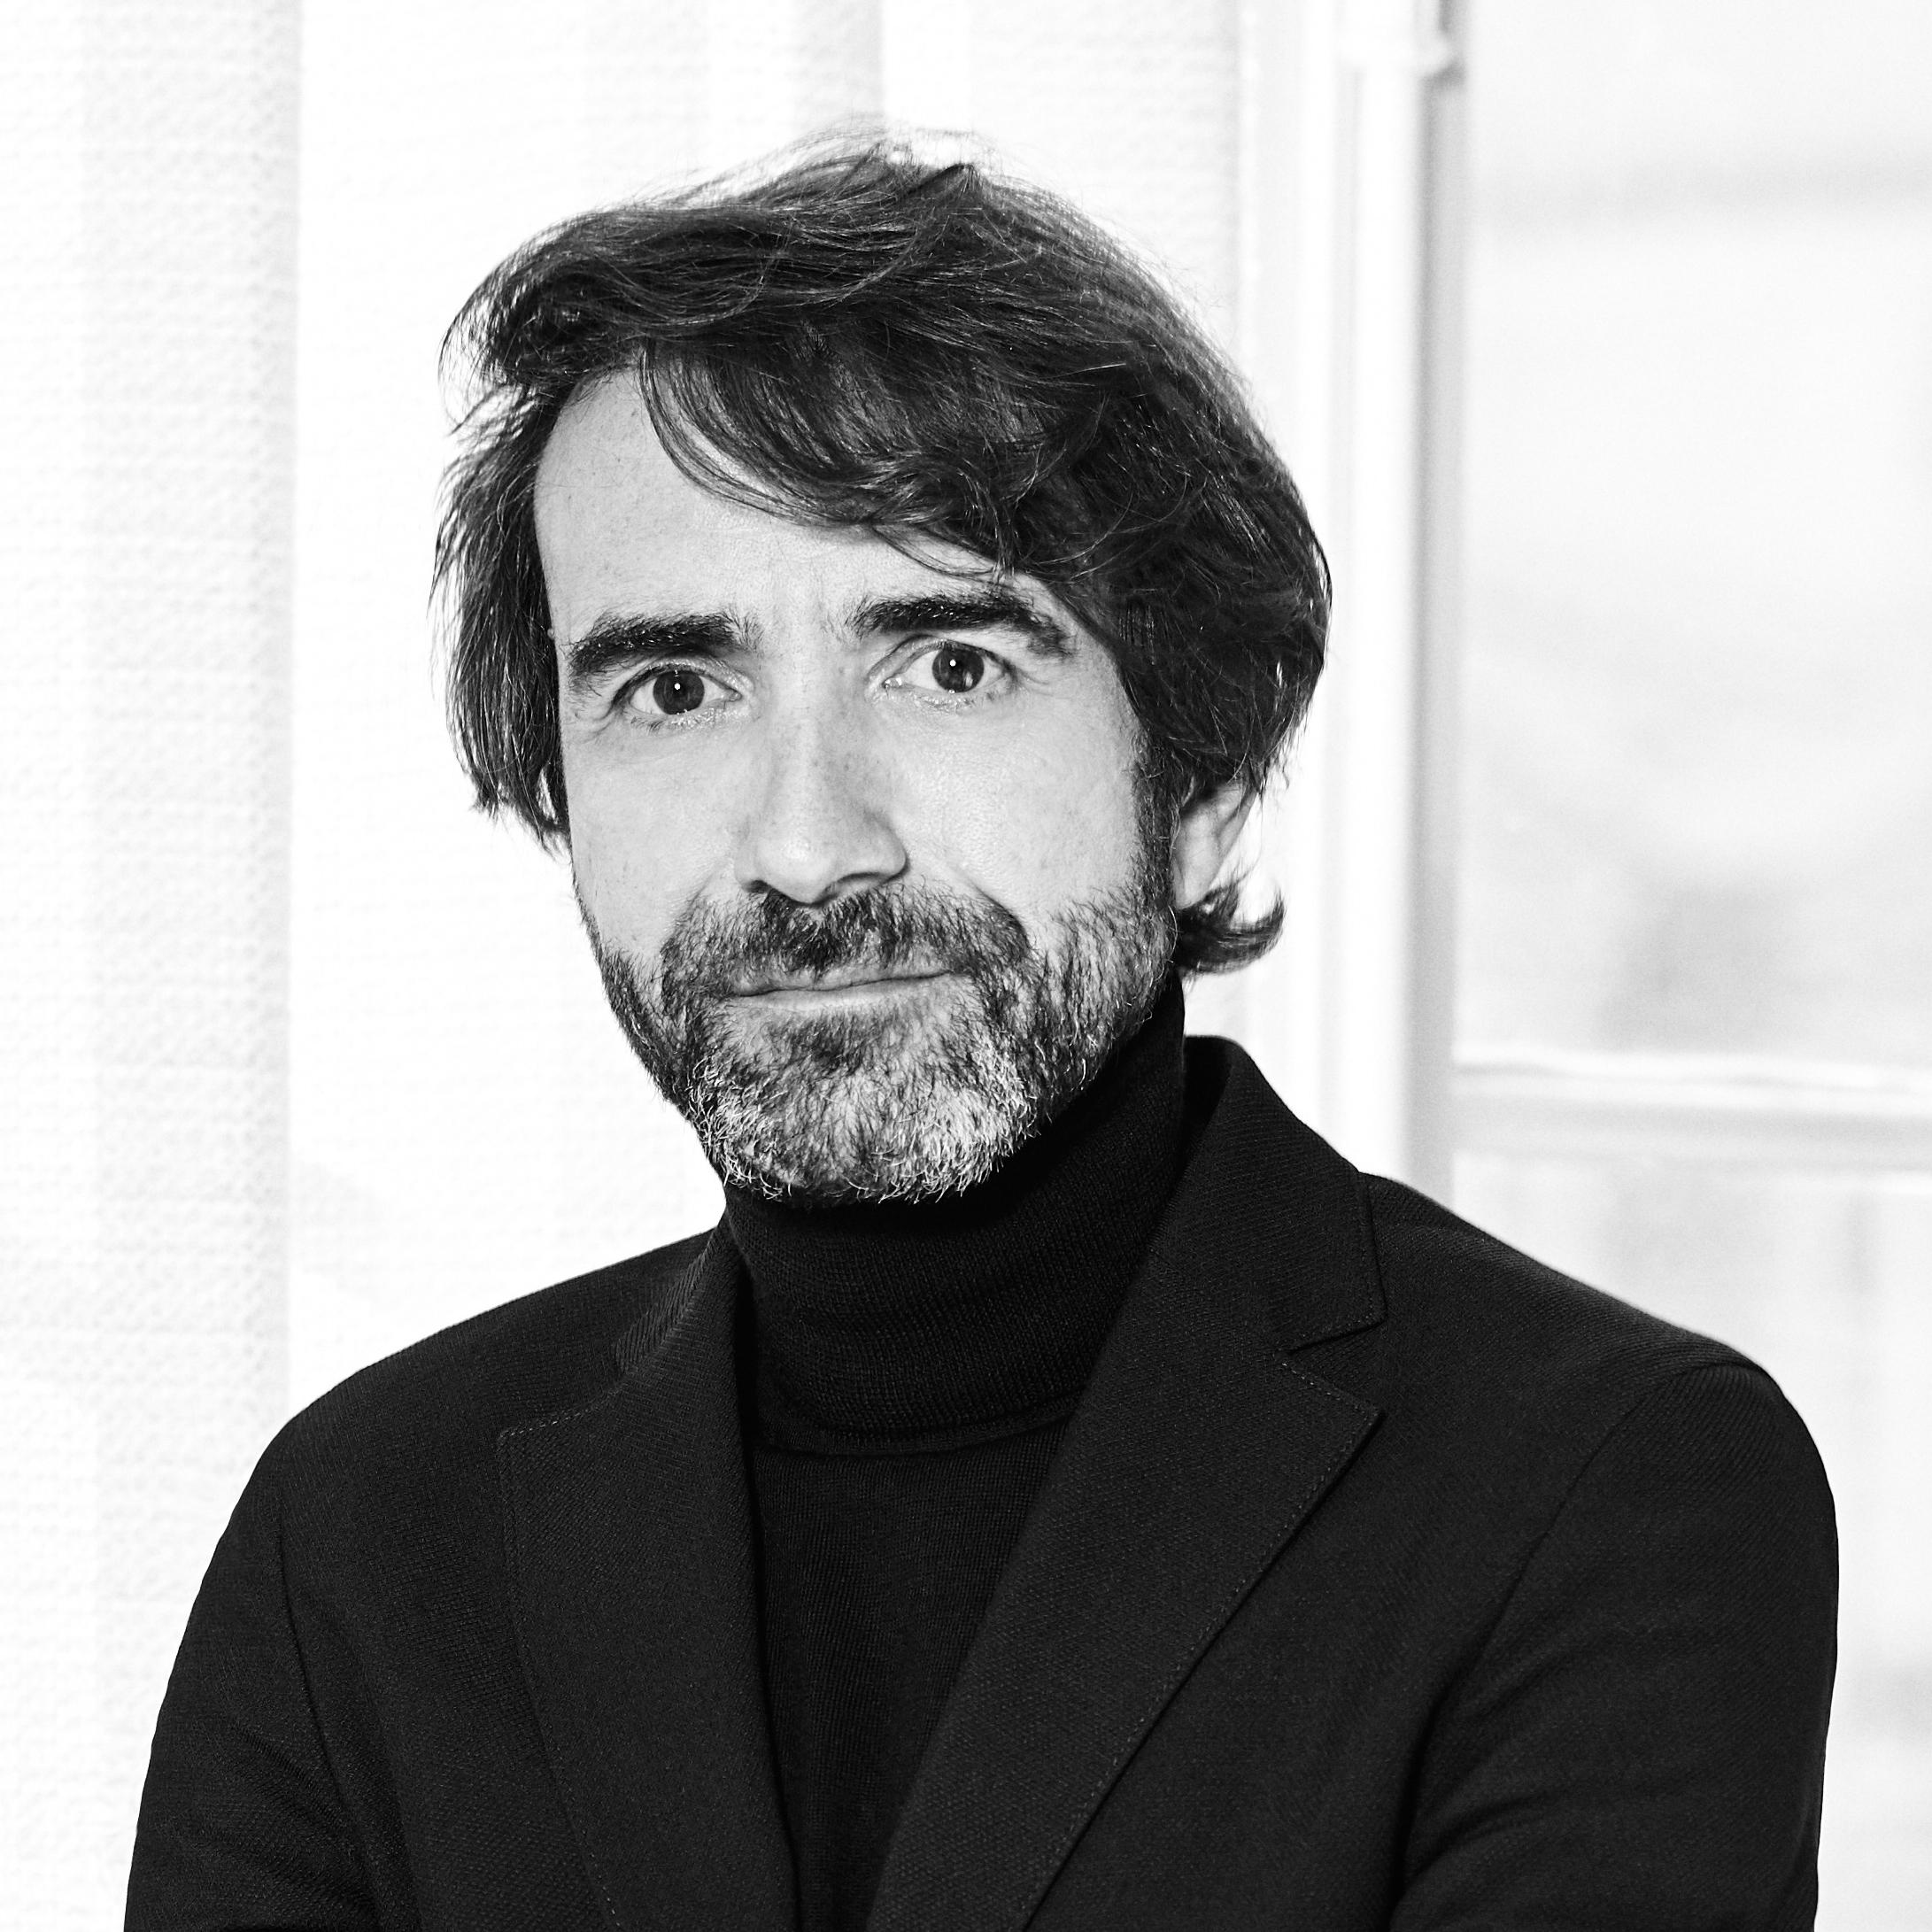 Pierre-Arnaud Grenade